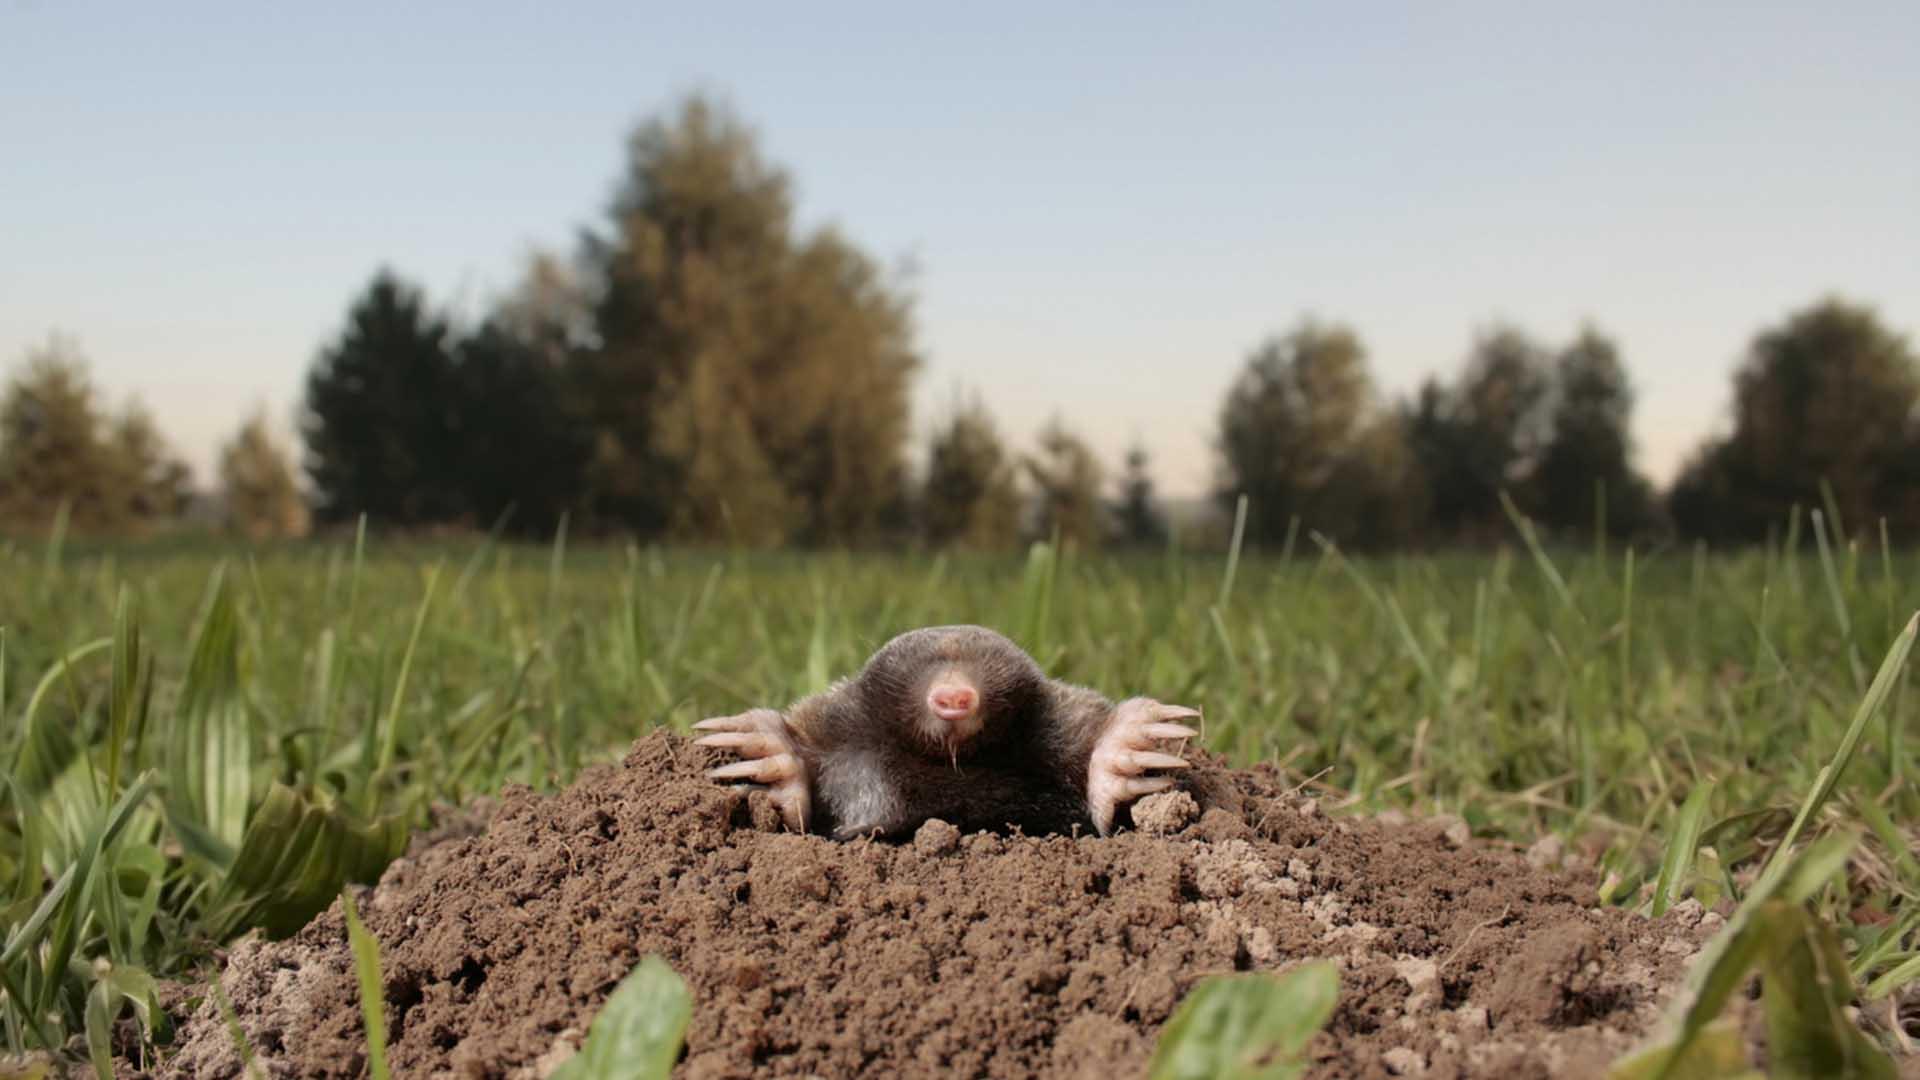 Mol molshoop in de tuin